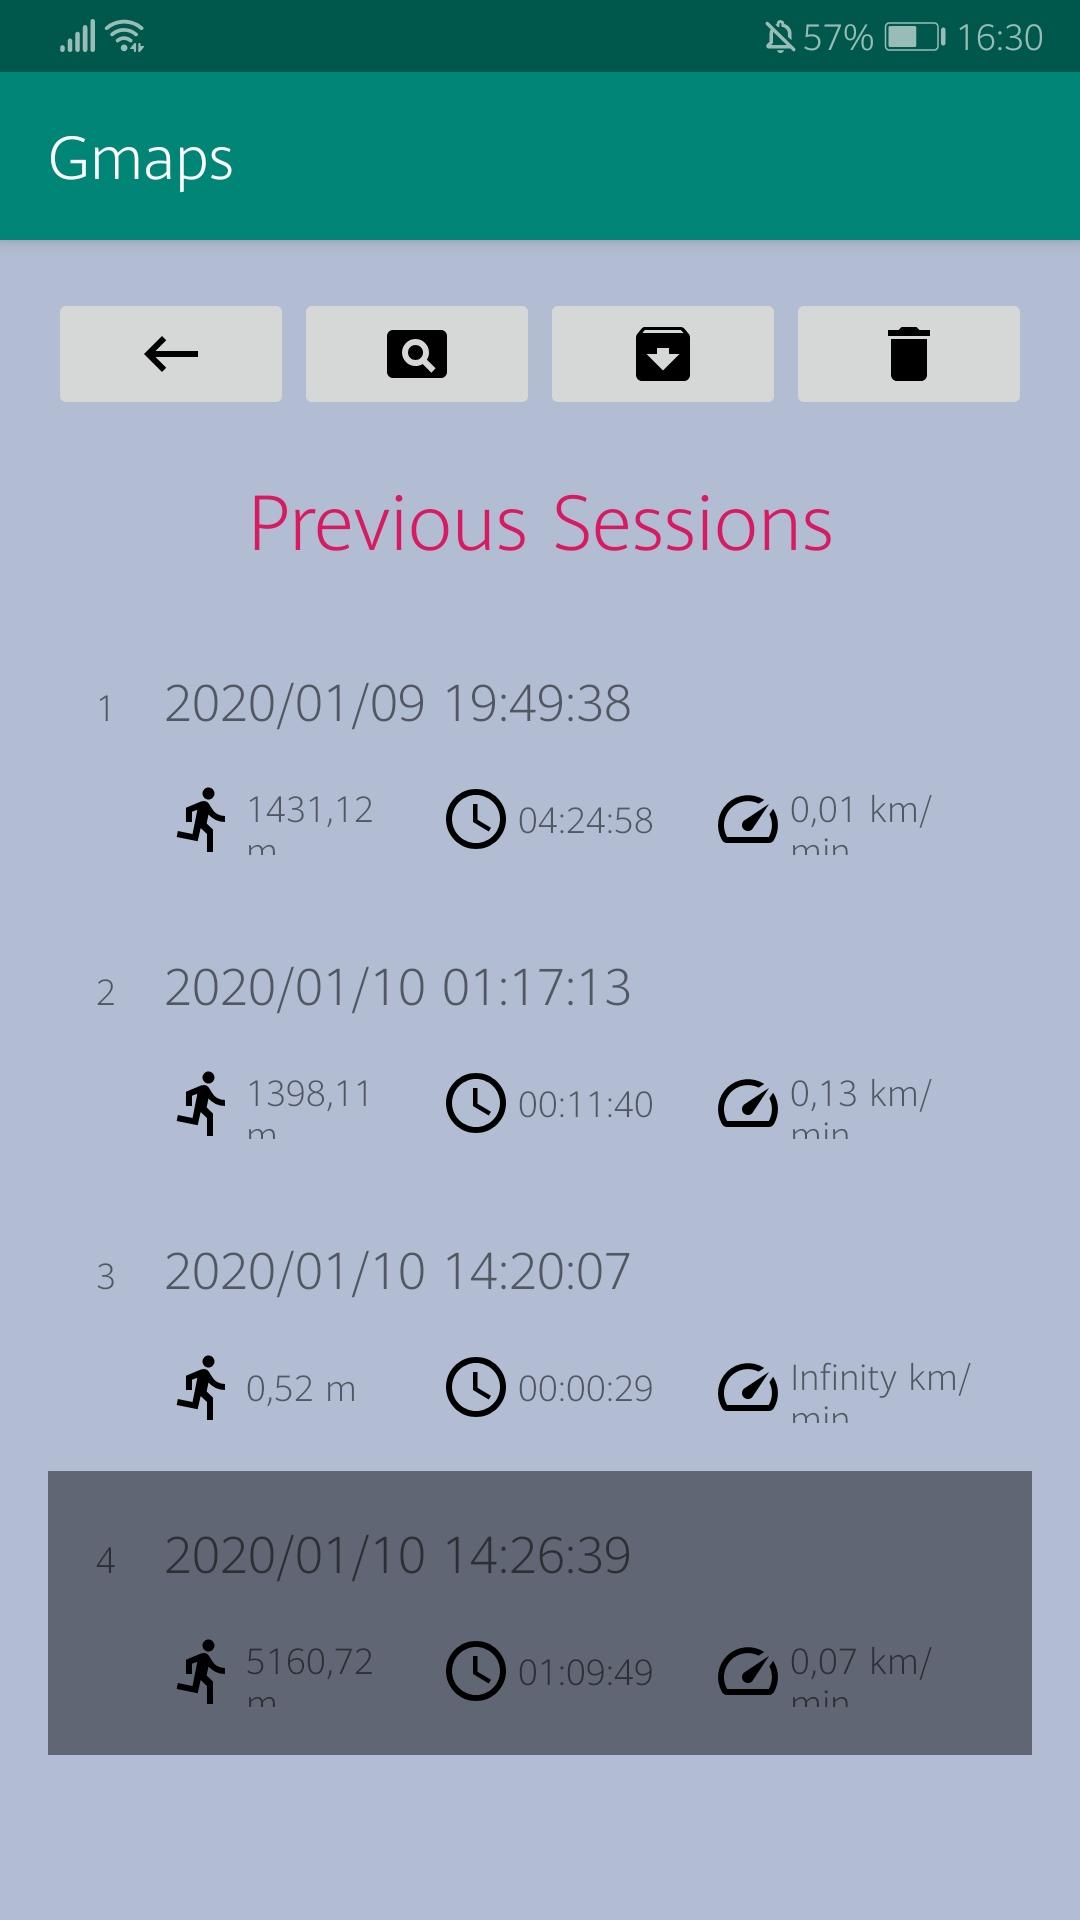 hw/hw3-screens/Screenshot_20200110_163019_ee.itcollege.lipals.gmaps.jpg